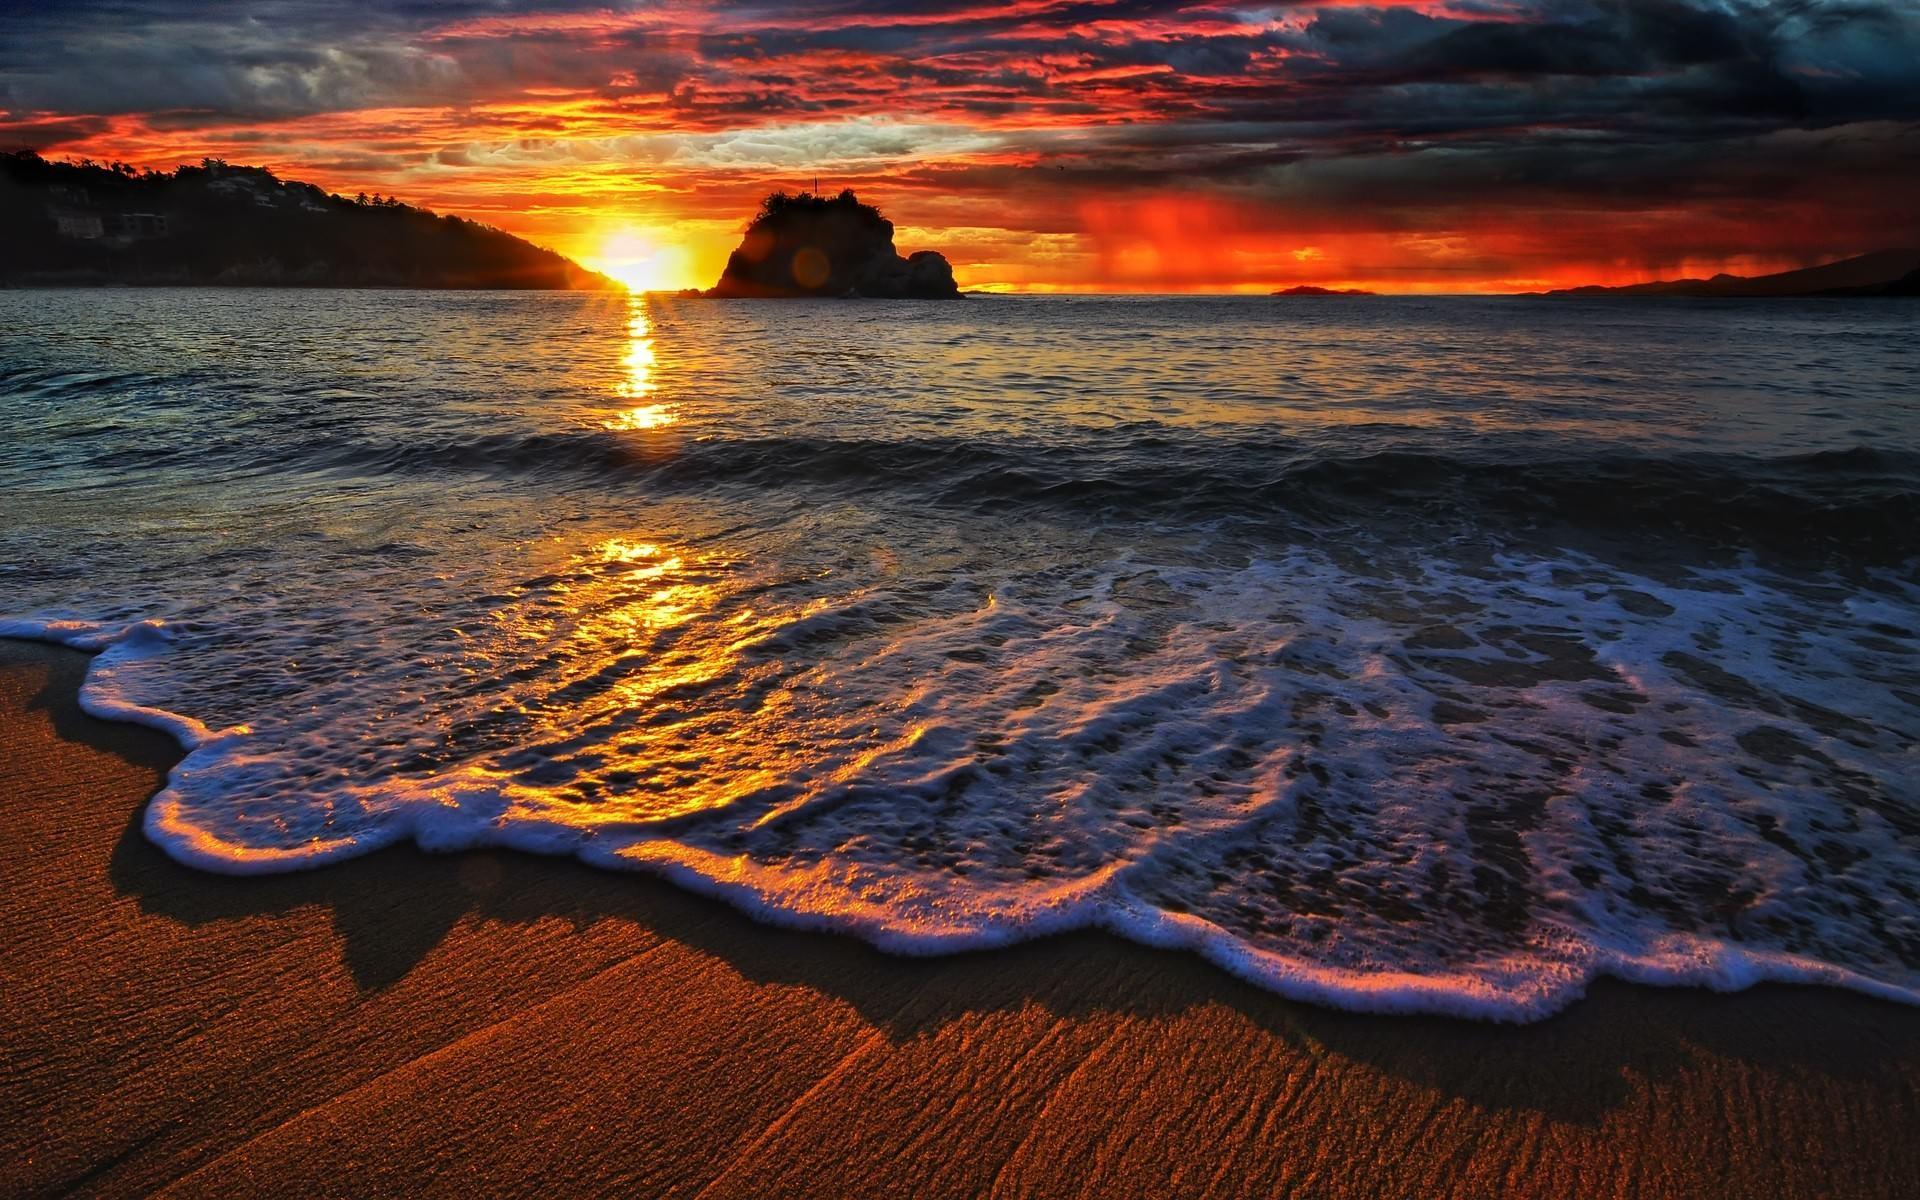 Beach Sunset Wallpapers High Resolution As Wallpaper HD